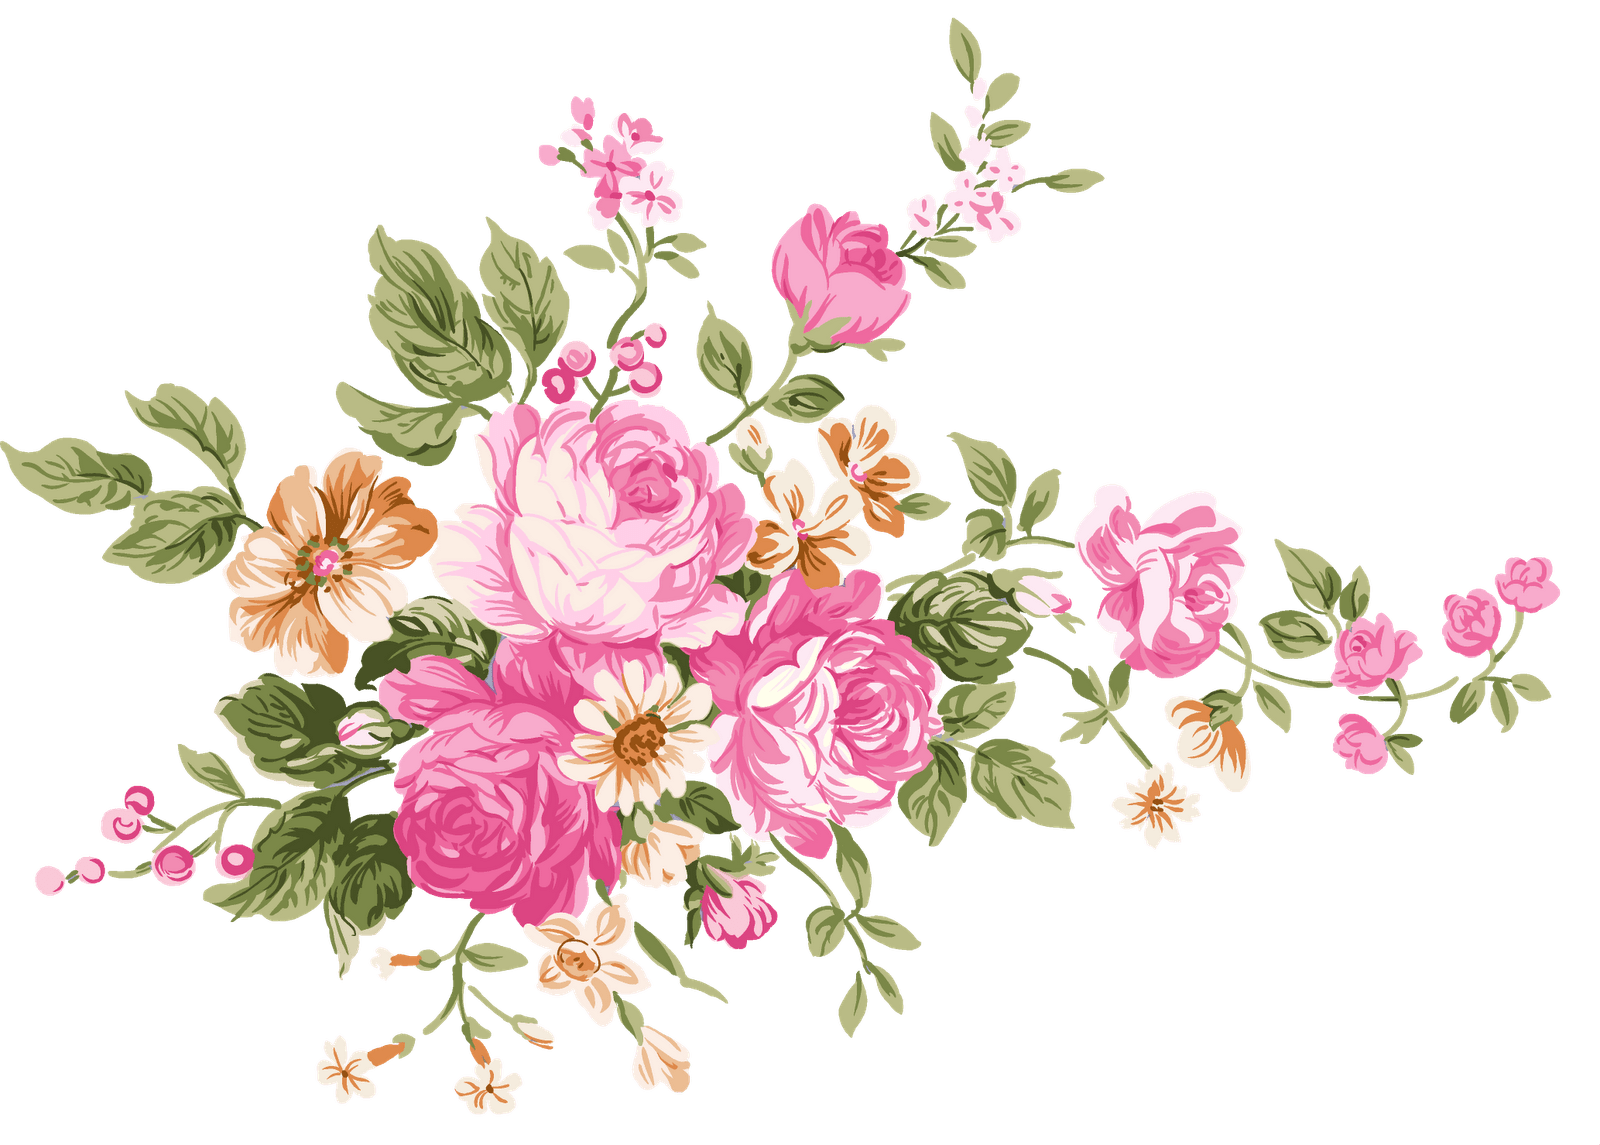 Vintage flower png. Bouquet of flowers transparent